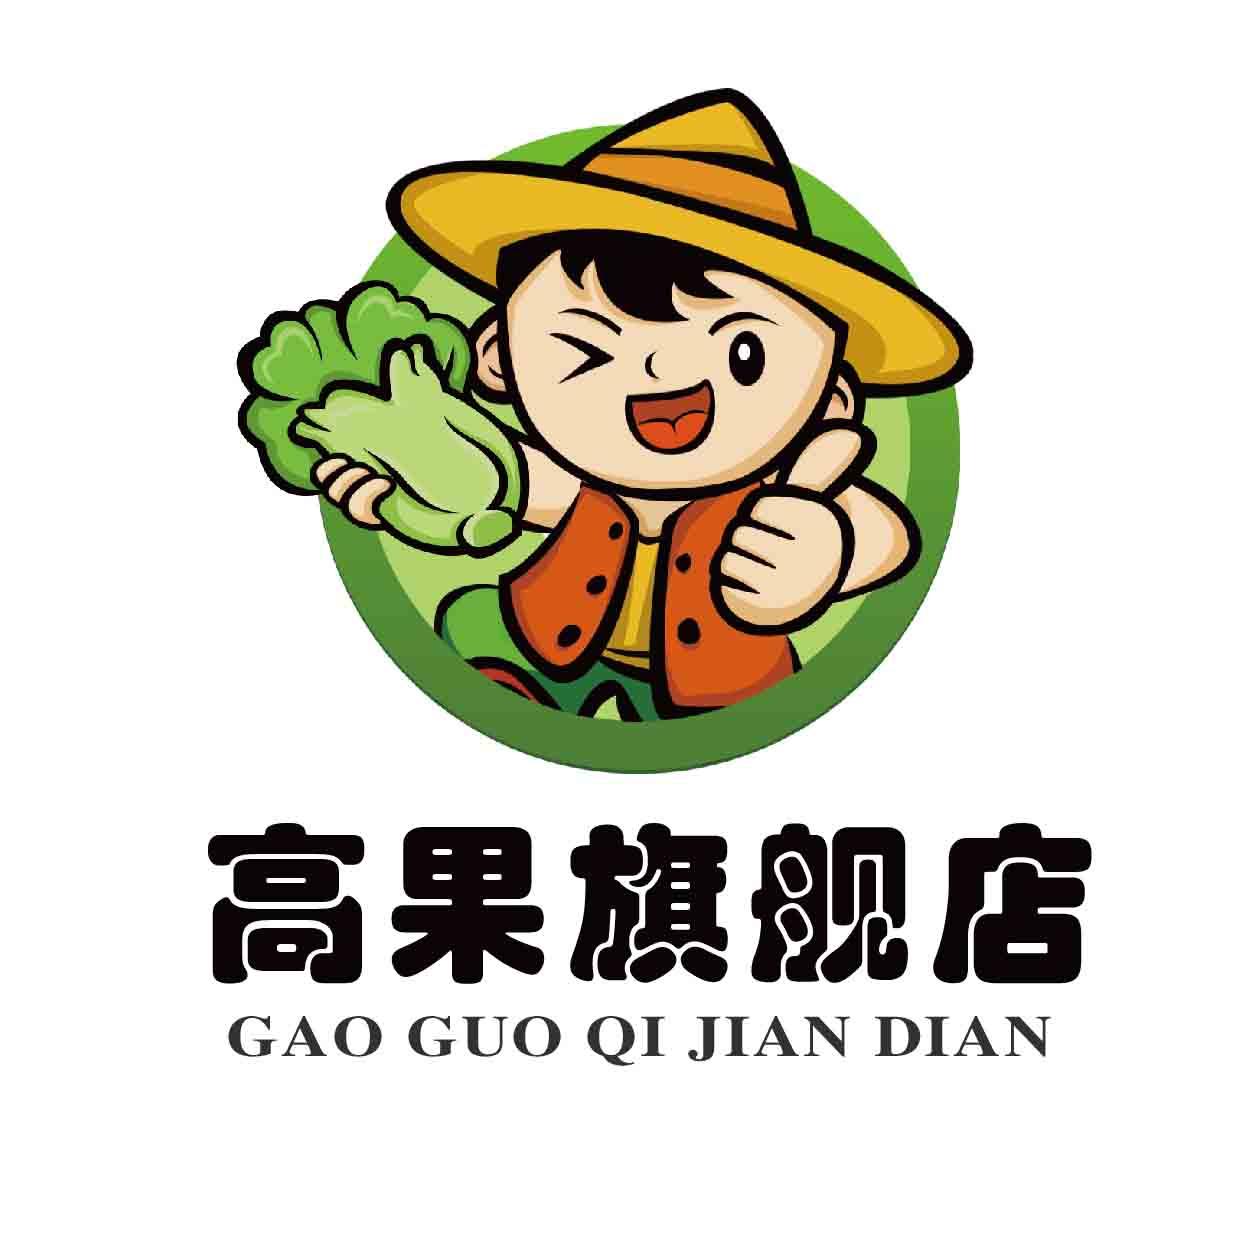 高果旗舰店 的logo